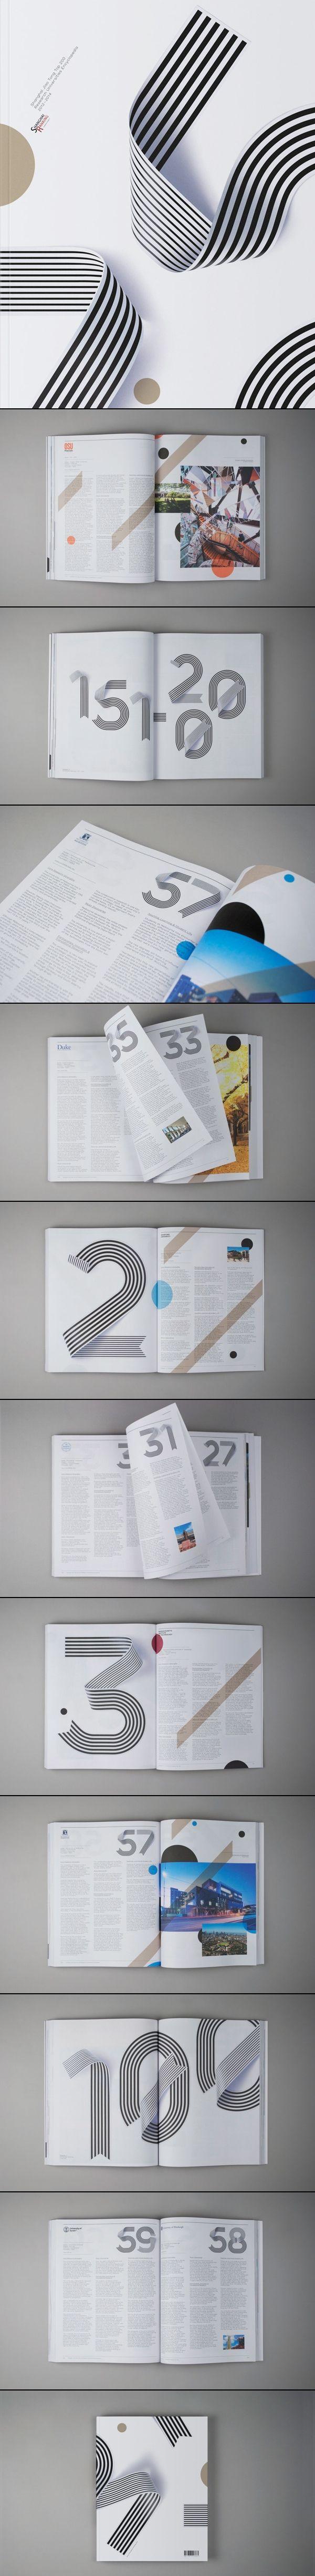 Shanghai Ranking Book | SAWDUST - created via http://pinthemall.net